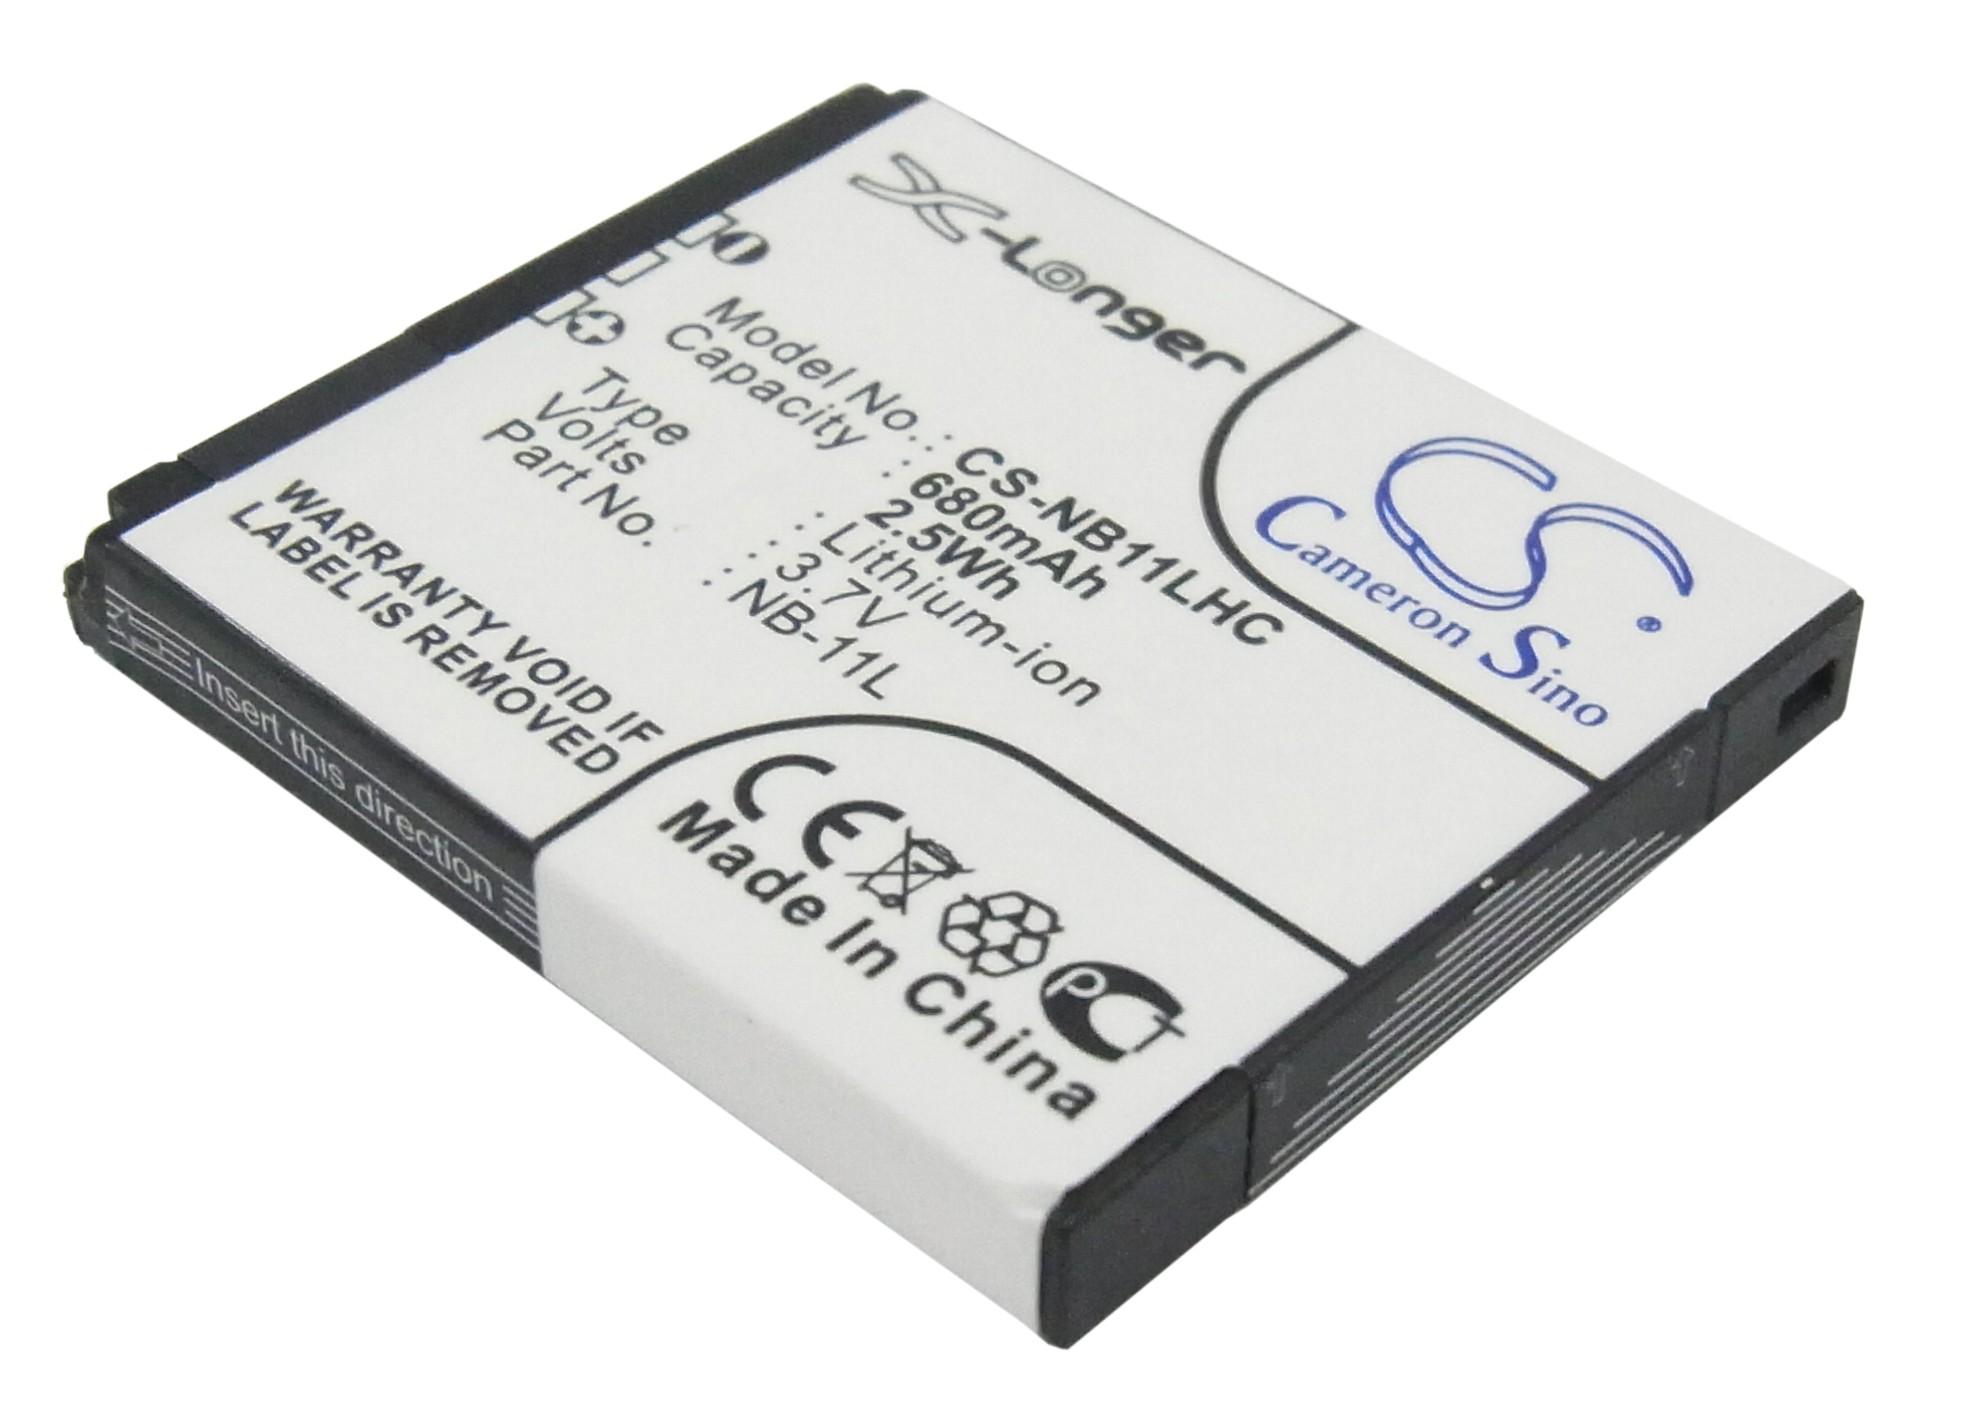 Cameron Sino baterie do kamer a fotoaparátů pro CANON Powershot SX400 IS 3.7V Li-ion 680mAh černá - neoriginální